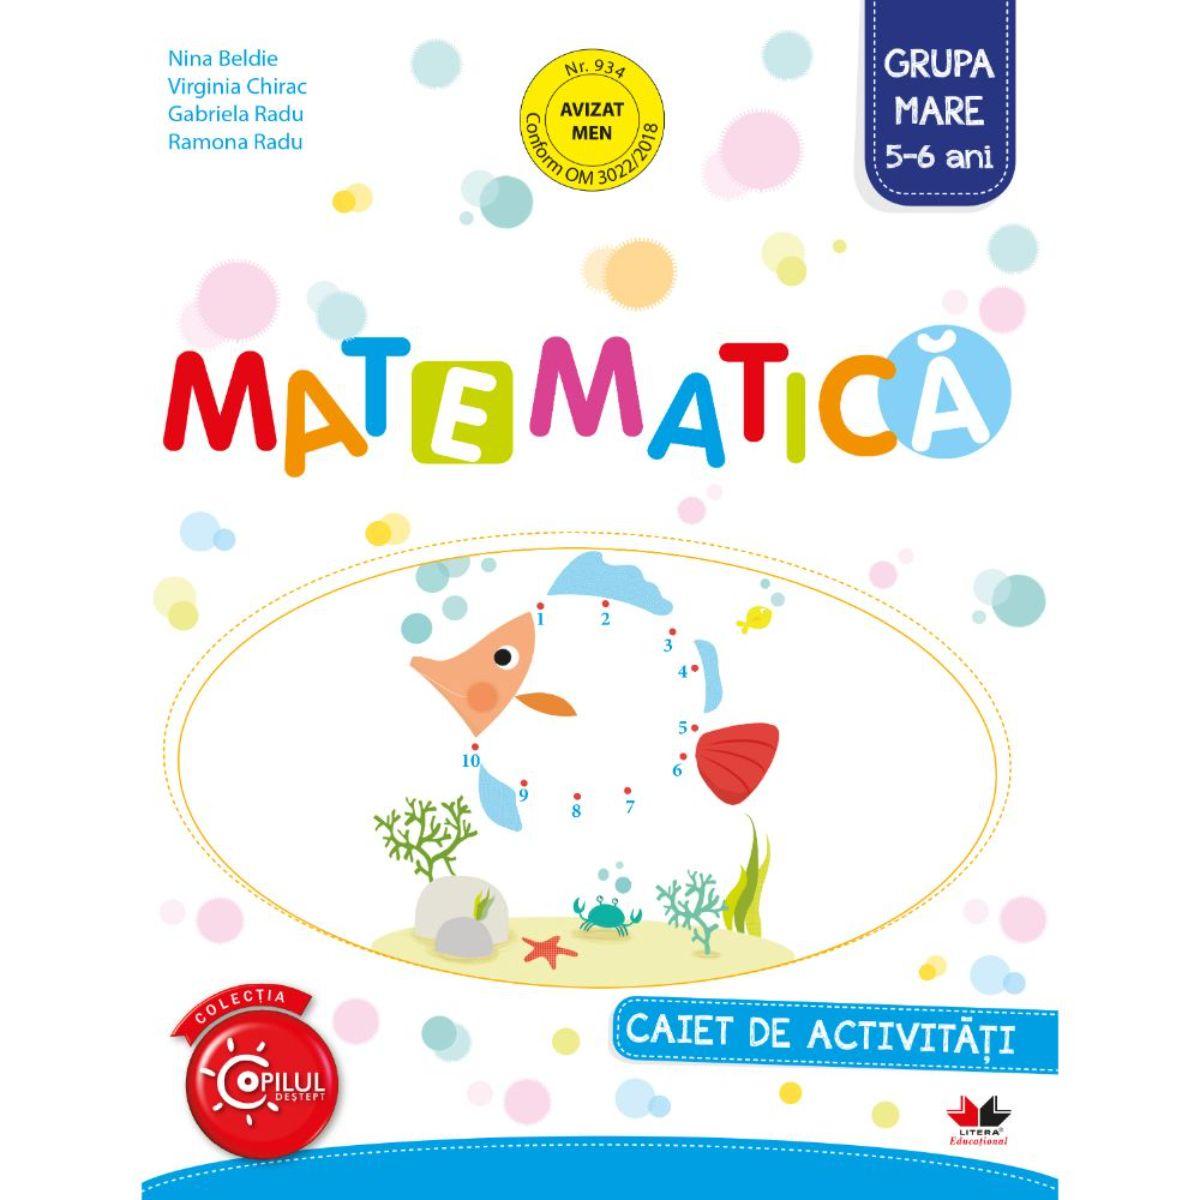 Matematica, Caiet de activitati, Grupa mare, 5-6 ani